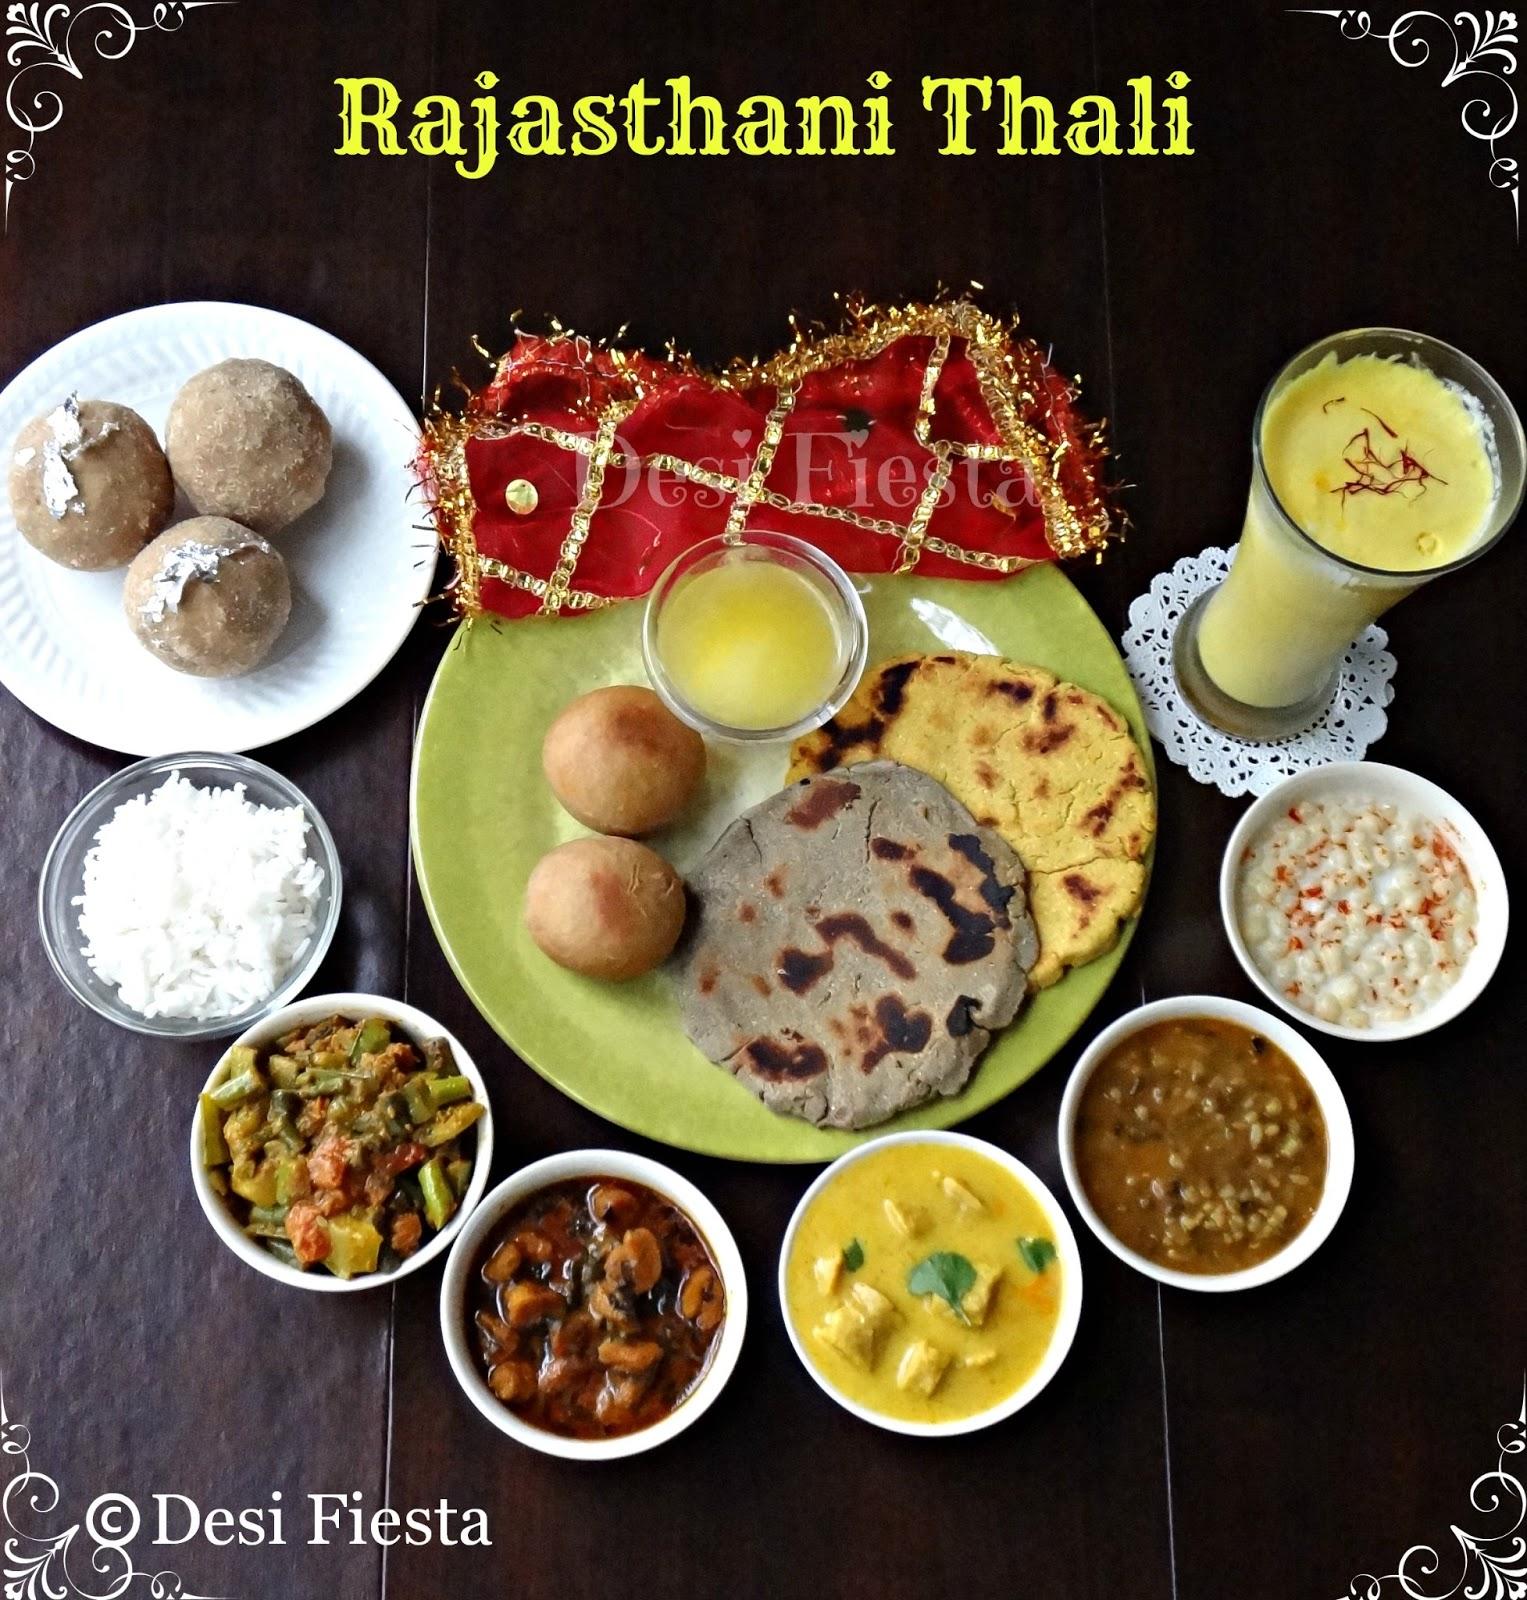 Rajasthani thali snc challange 10 desi fiesta rajasthani cusines rajasthani food forumfinder Choice Image